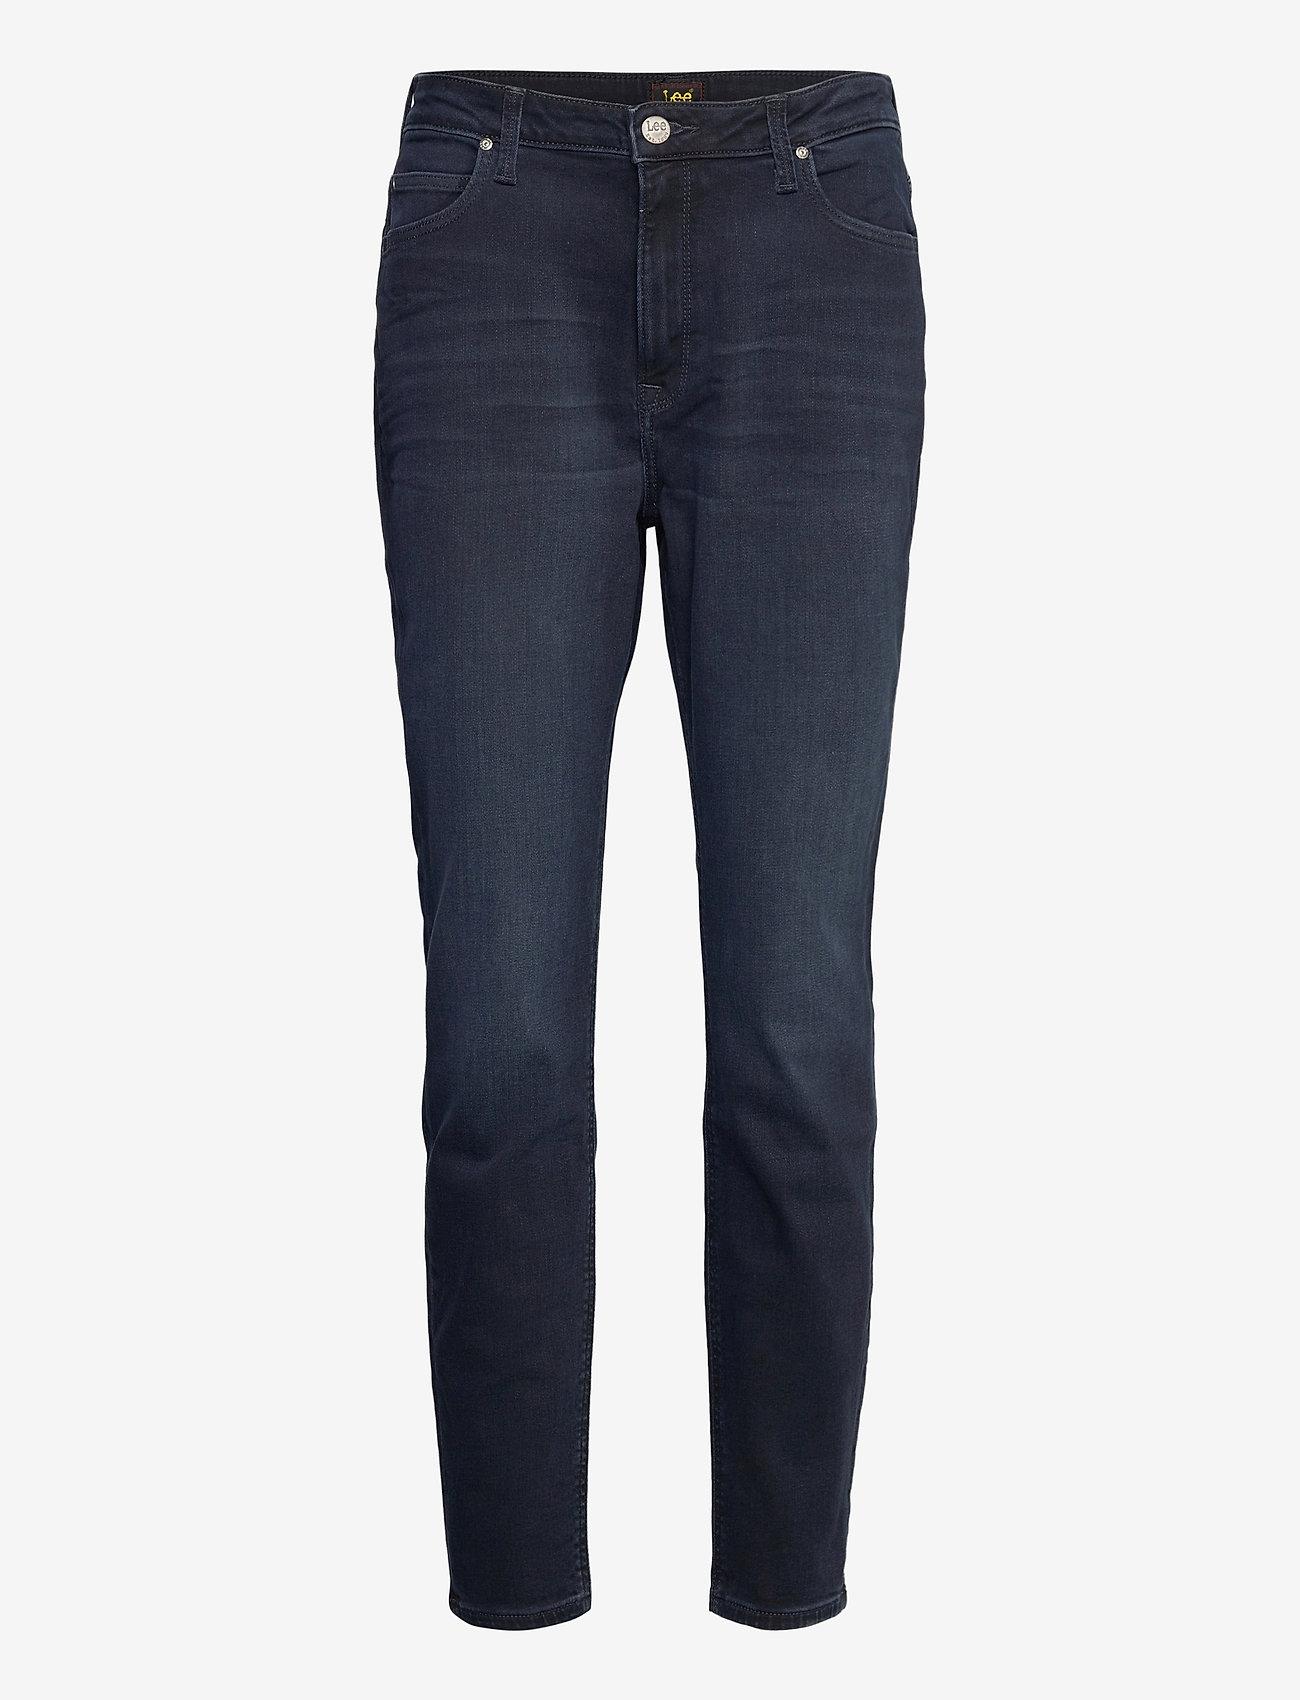 Lee Jeans - SCARLETT HIGH - skinny jeans - worn ebony - 0